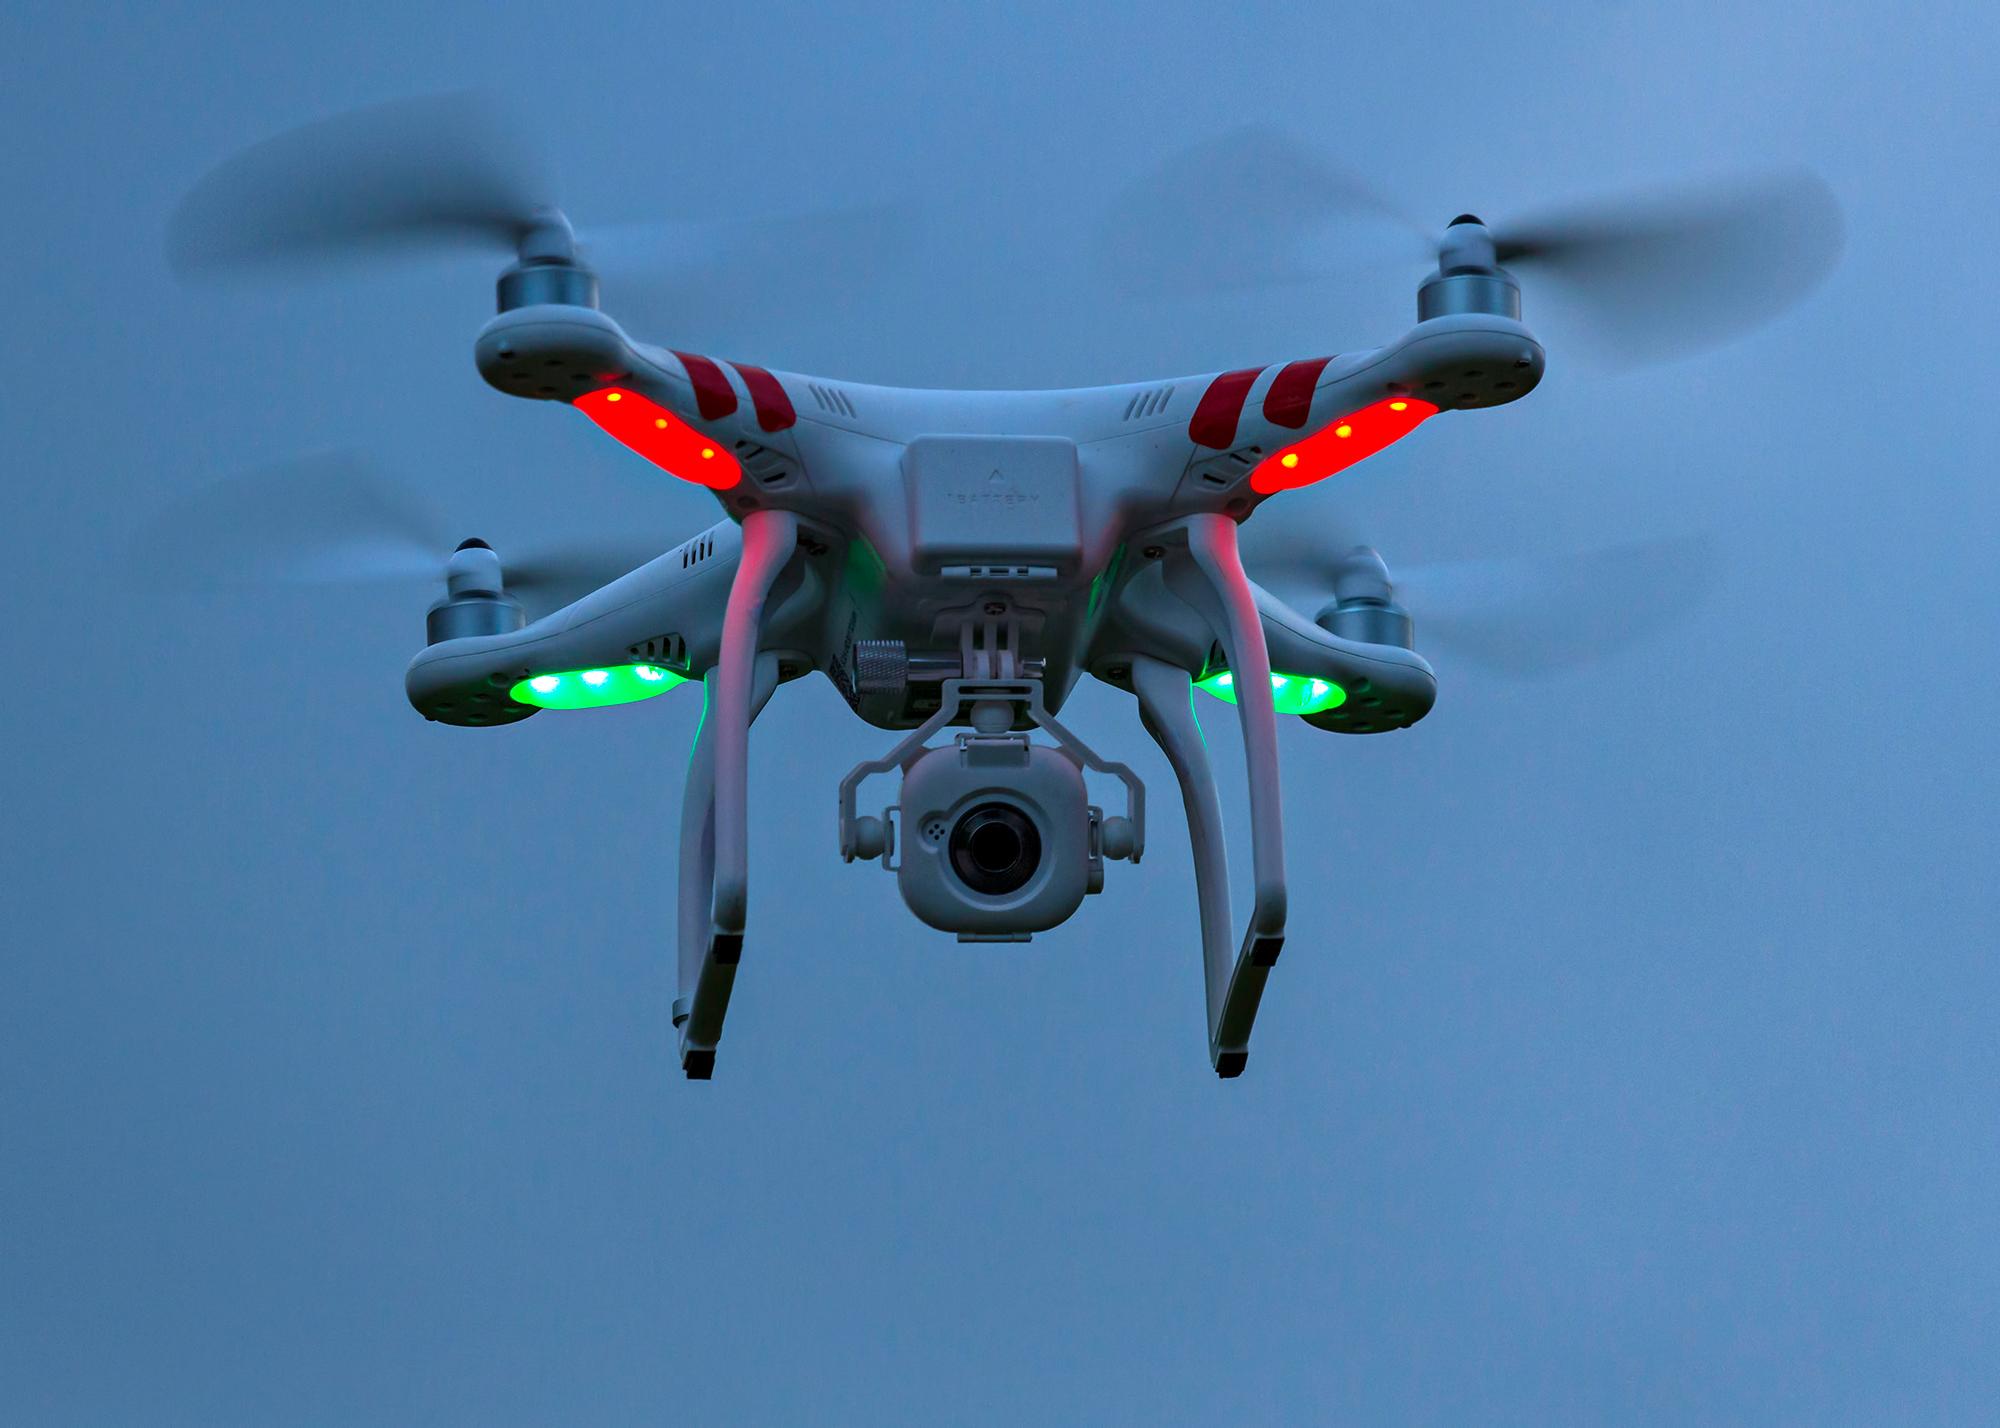 İnsansız hava aracı : DRONE